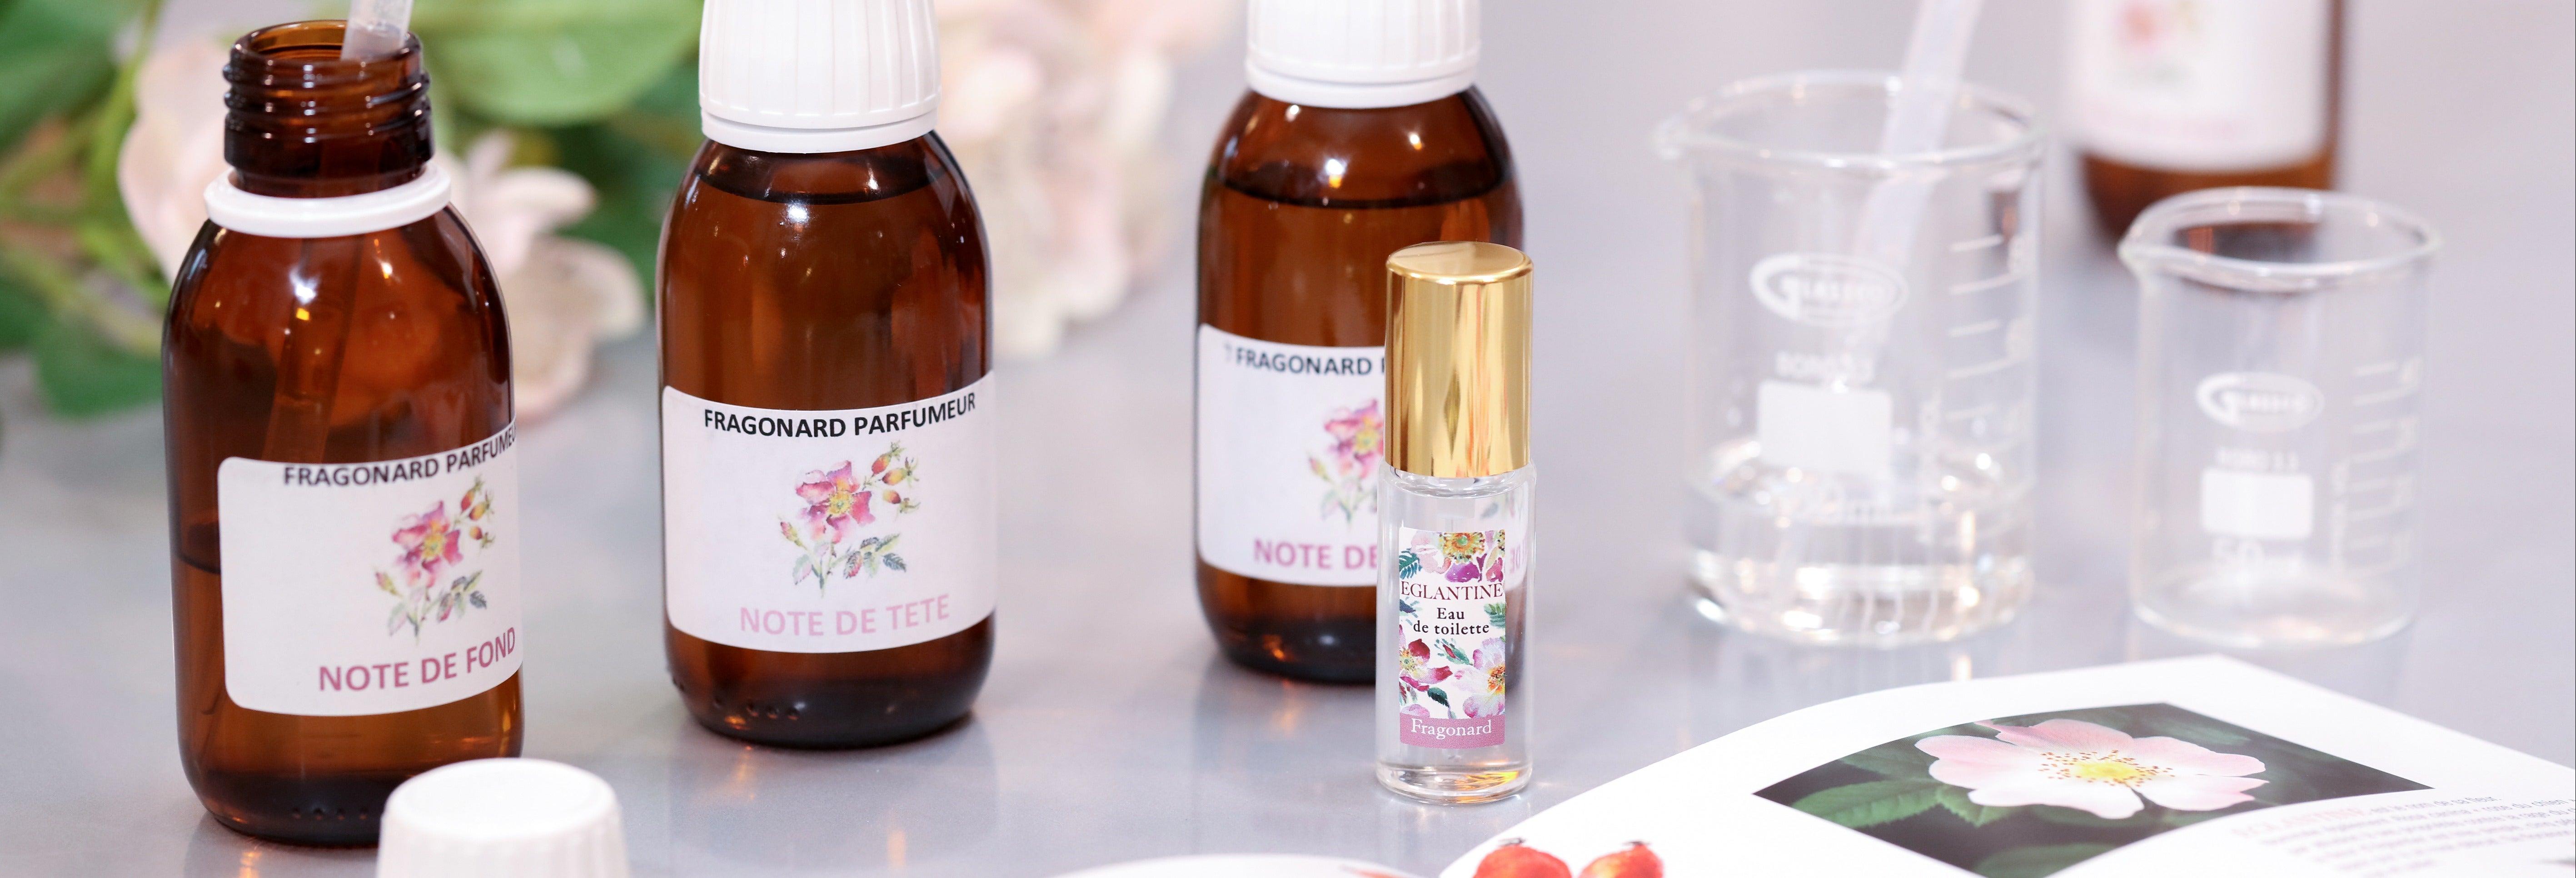 Oficina de criação de perfume